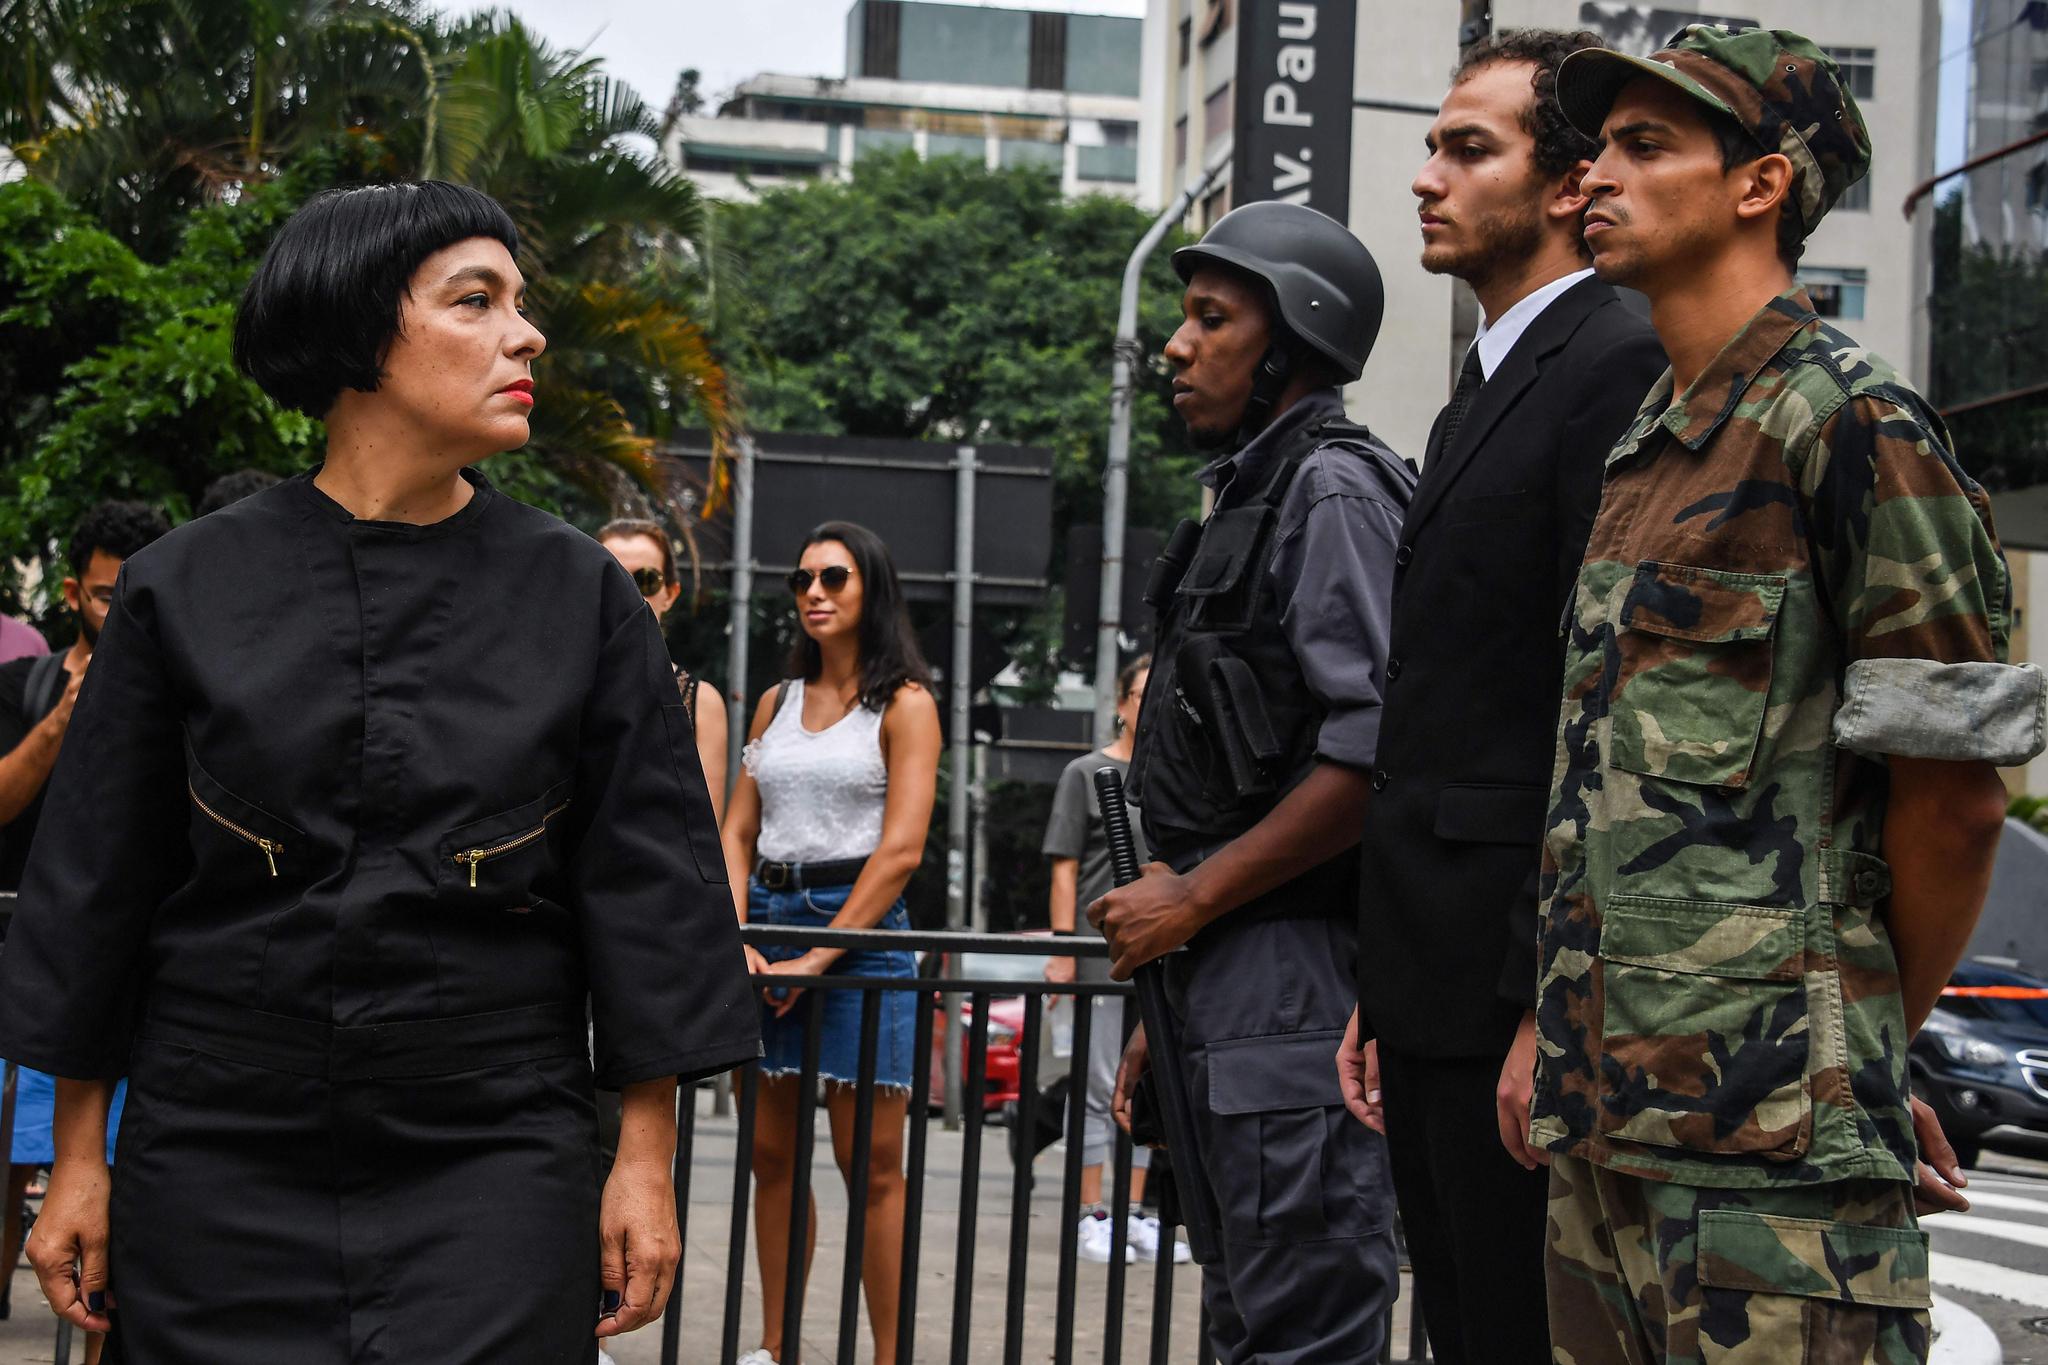 데보라 카스티요가 군인,경찰,정치인 복장을 한 세 남자를 바라보고 있다. [AFP=연합뉴스]